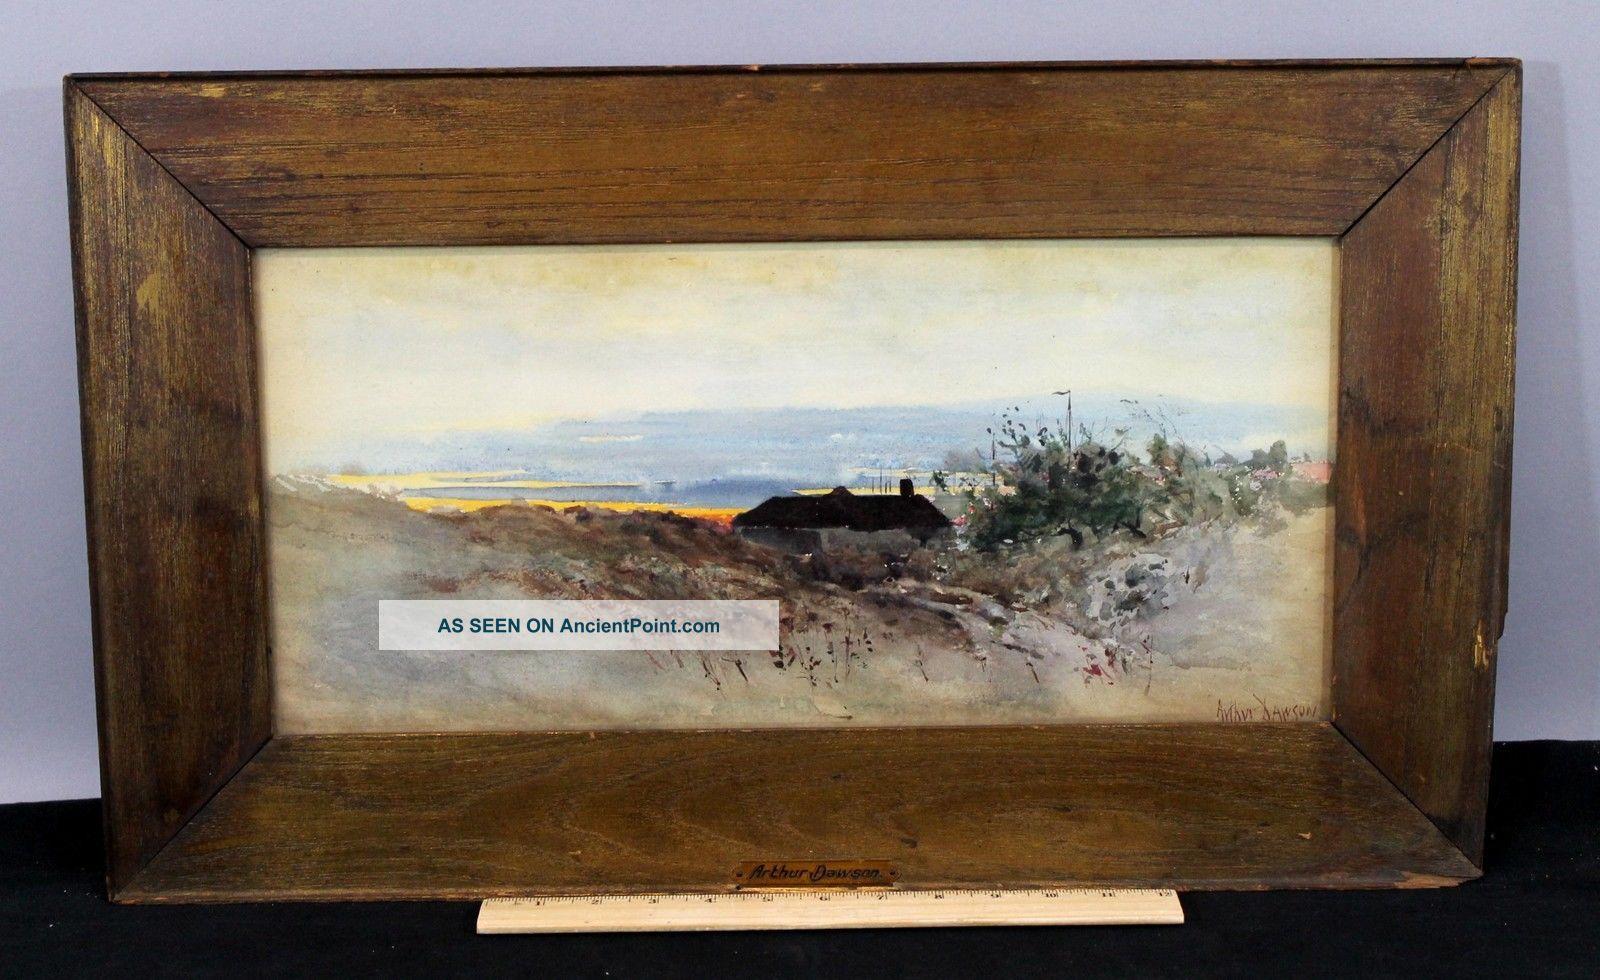 C1900 Antique Arthur Dawson Sunset Coastal Landscape Watercolor Painting Nr Other Maritime Antiques photo